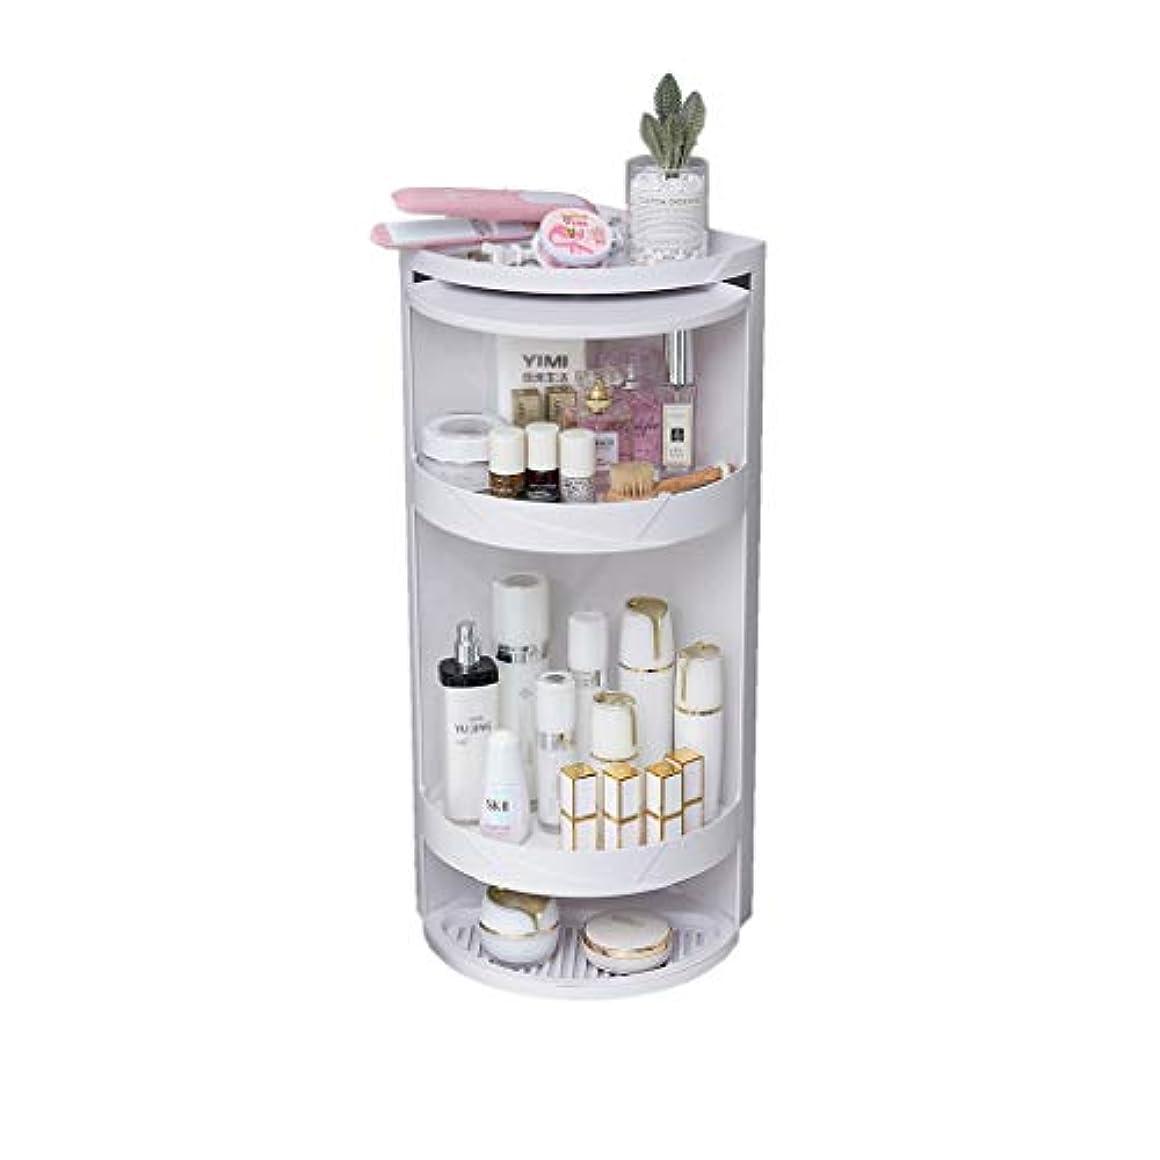 男性バイソン廃棄する洗濯テーブル化粧品収納ボックスホルダー360度回転防塵浴室スキンケア収納ラック